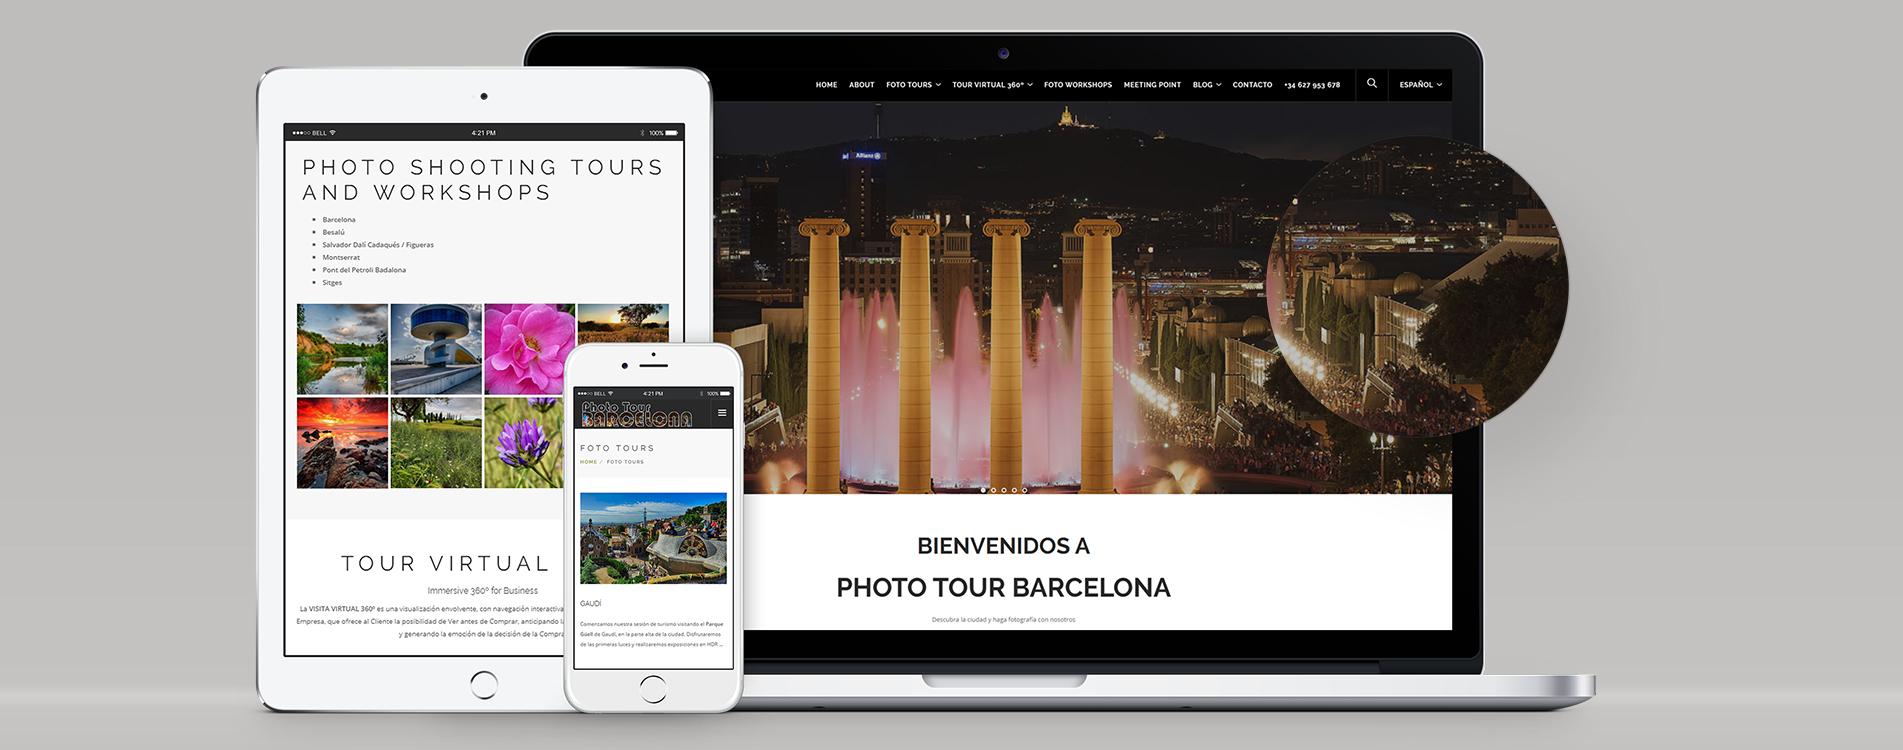 cabecera_responsive_photo_tour